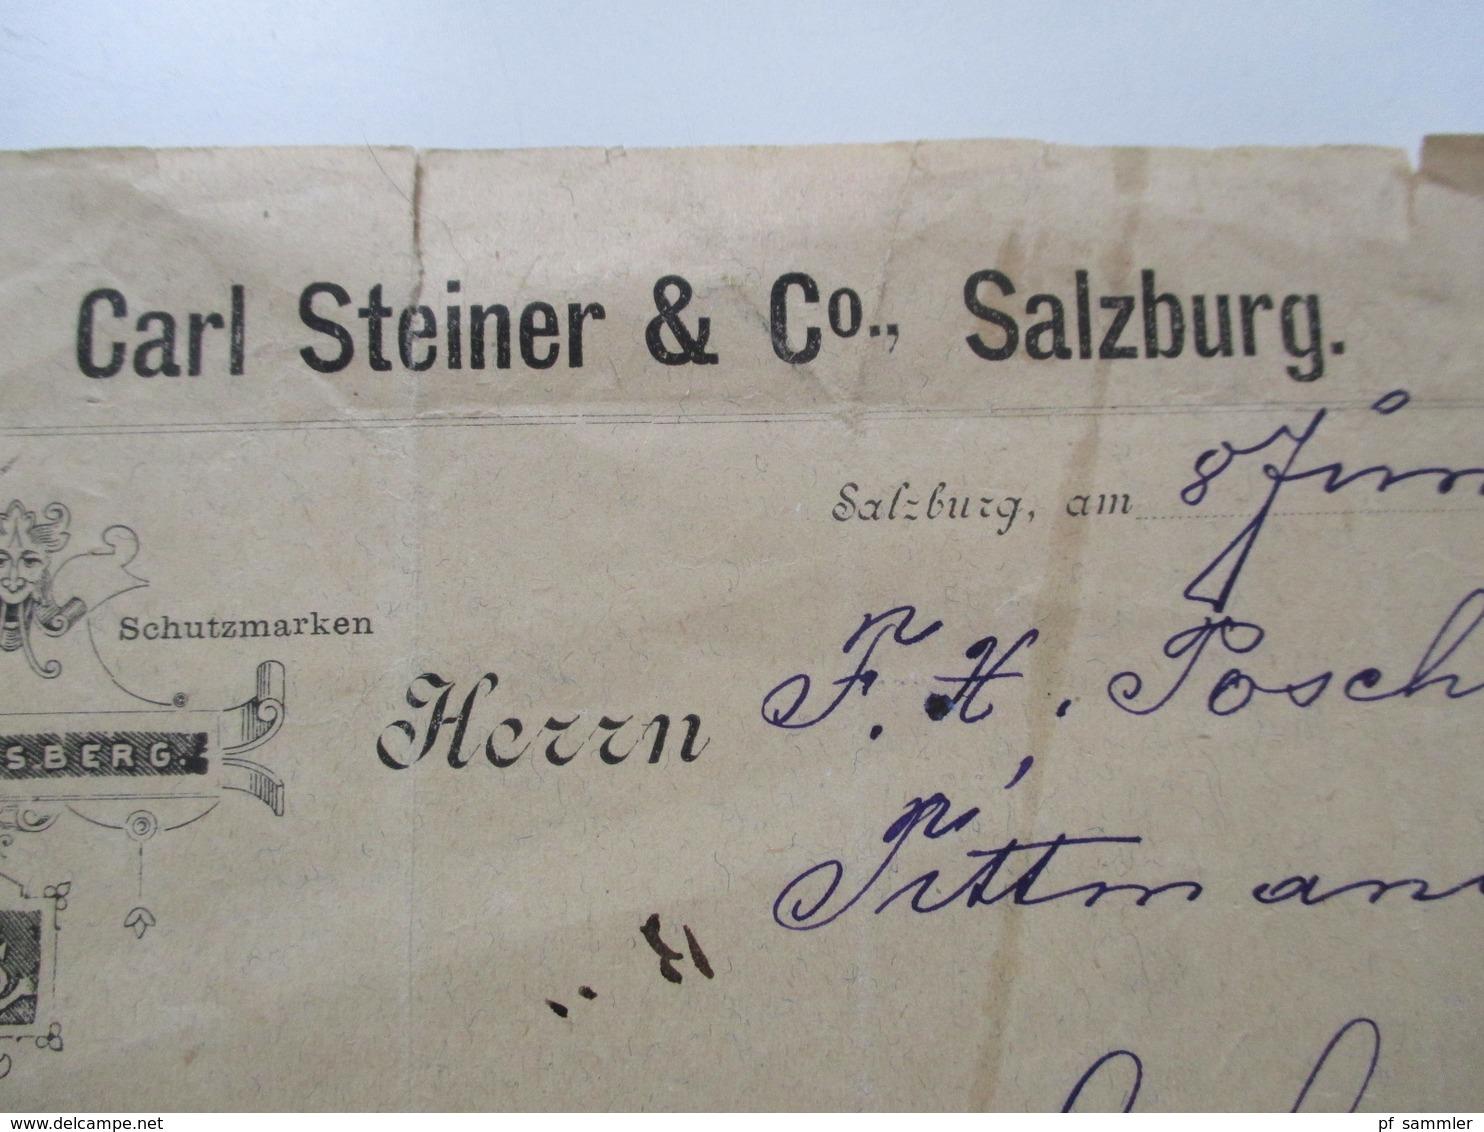 Österreich 1887 Frachtbrief / Waren Versand. Mit Steuermarke / Stempel Marke! Carl Steiner & Co Salzburg - 1850-1918 Imperium